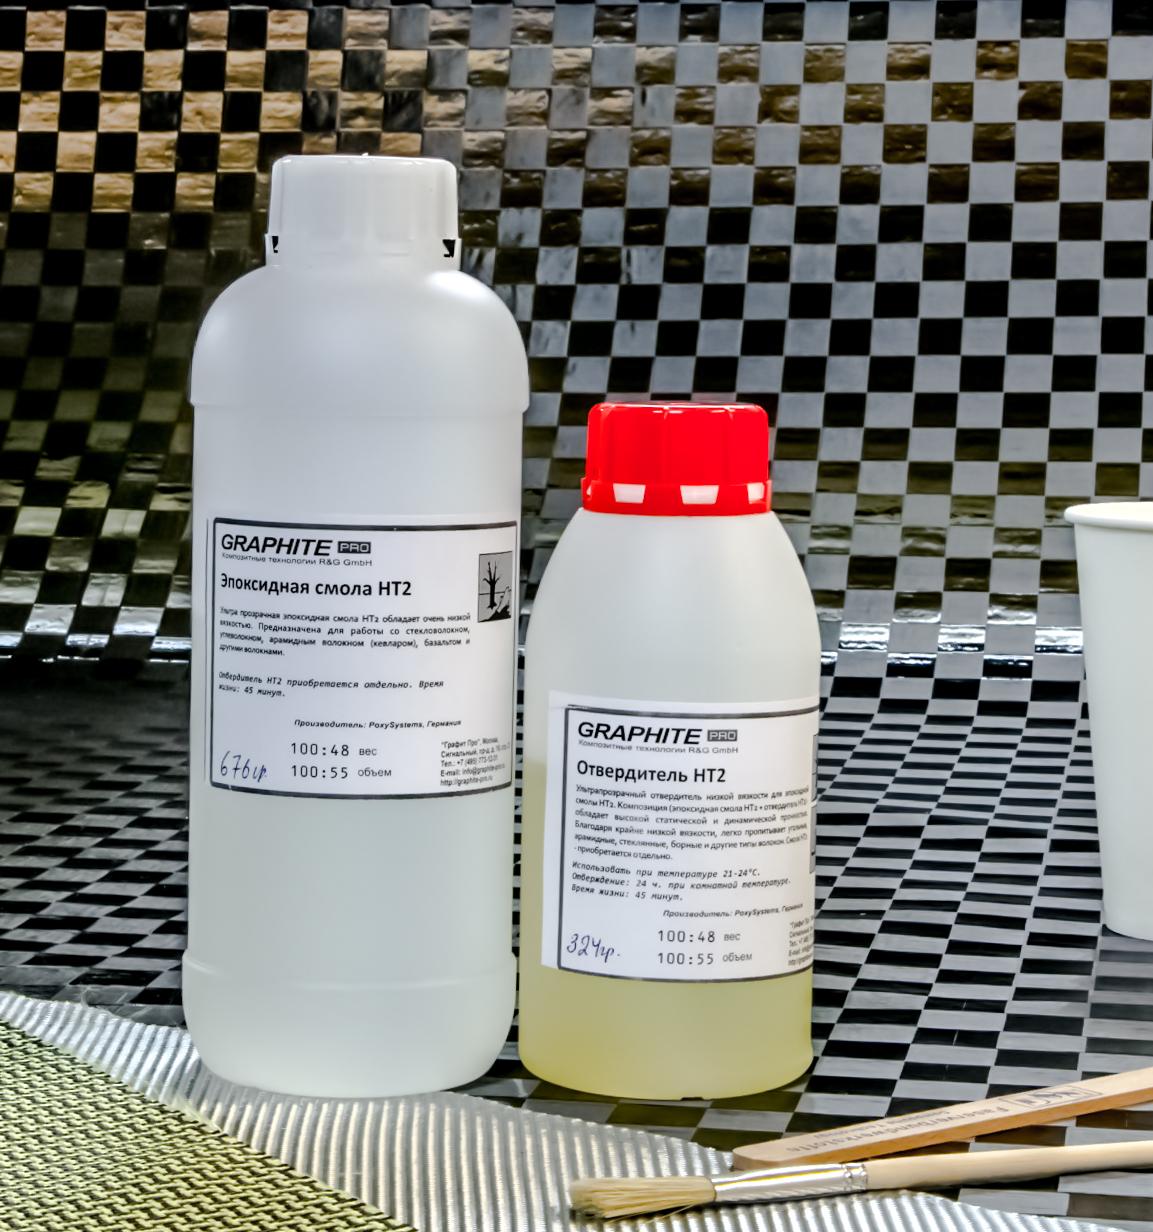 Эпоксидная смола HT2 + отвердитель HT2 (45 мин), набор из двух компонентов.